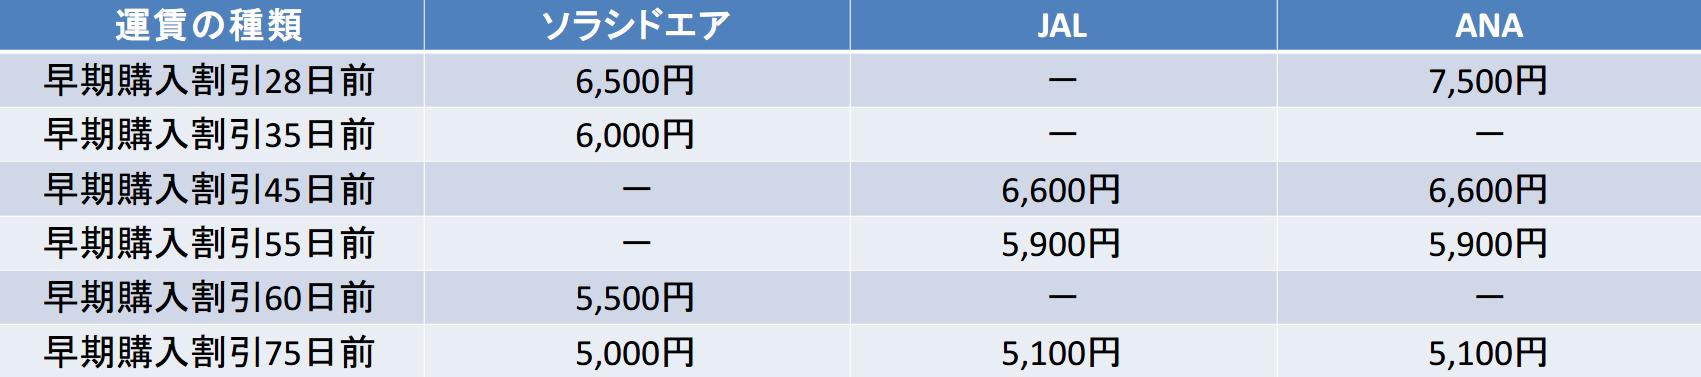 石垣-那覇 ソラシドエア,JAL,ANA 早期購入割引比較(28日以降)